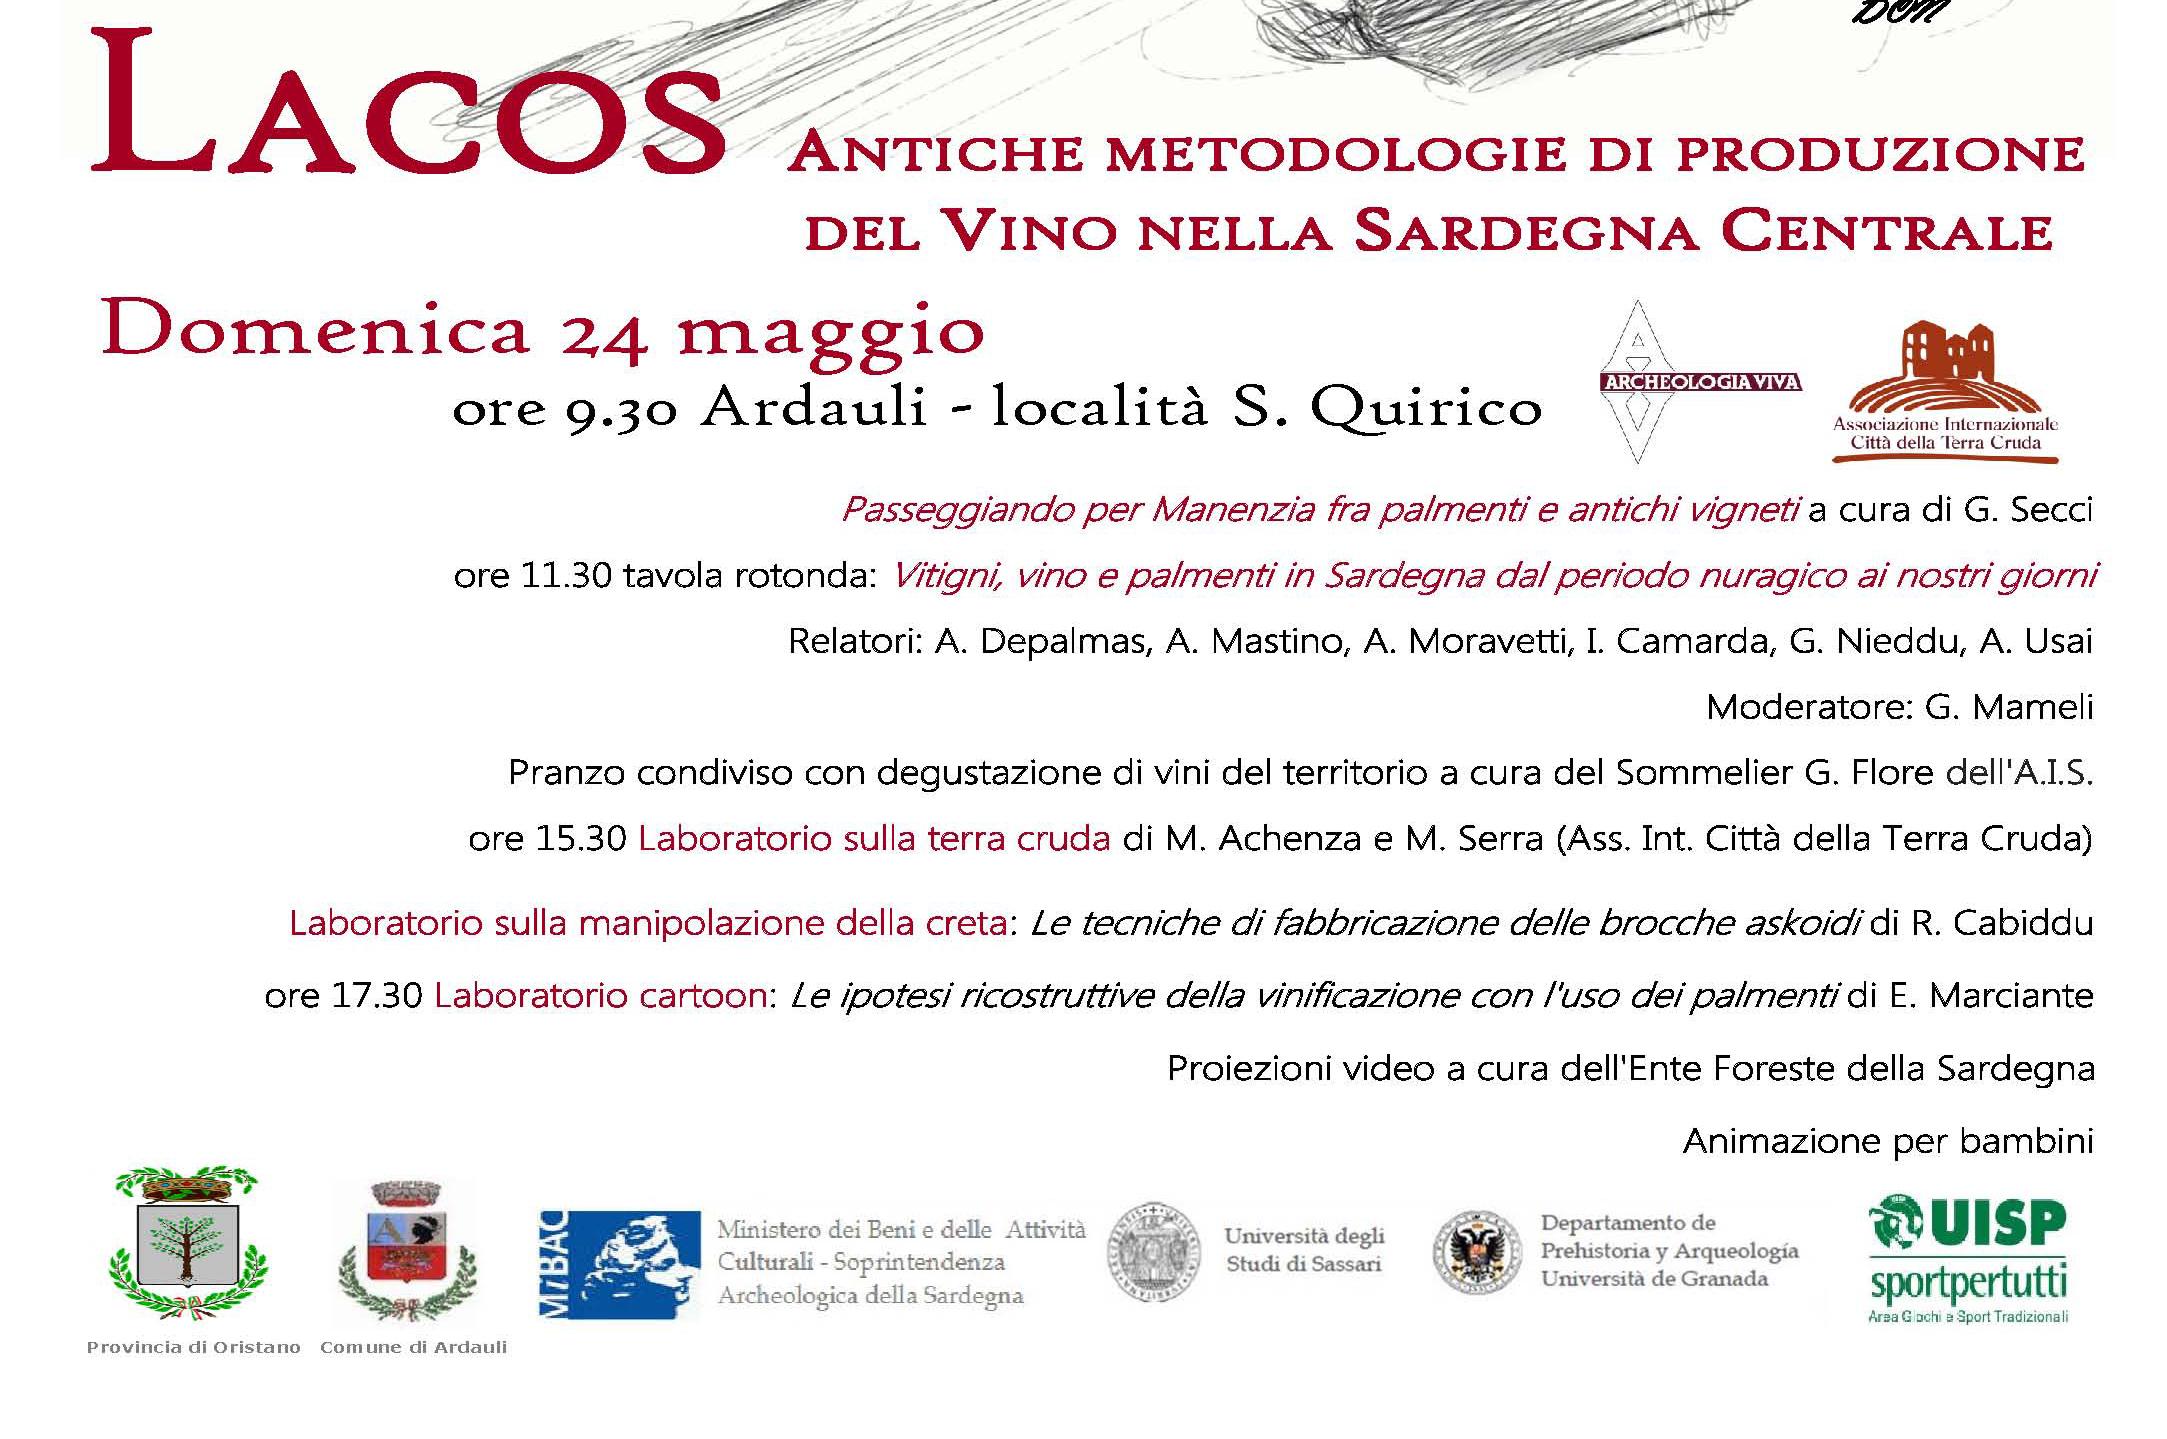 Lacos Archeosperimentare in Sardegna programma